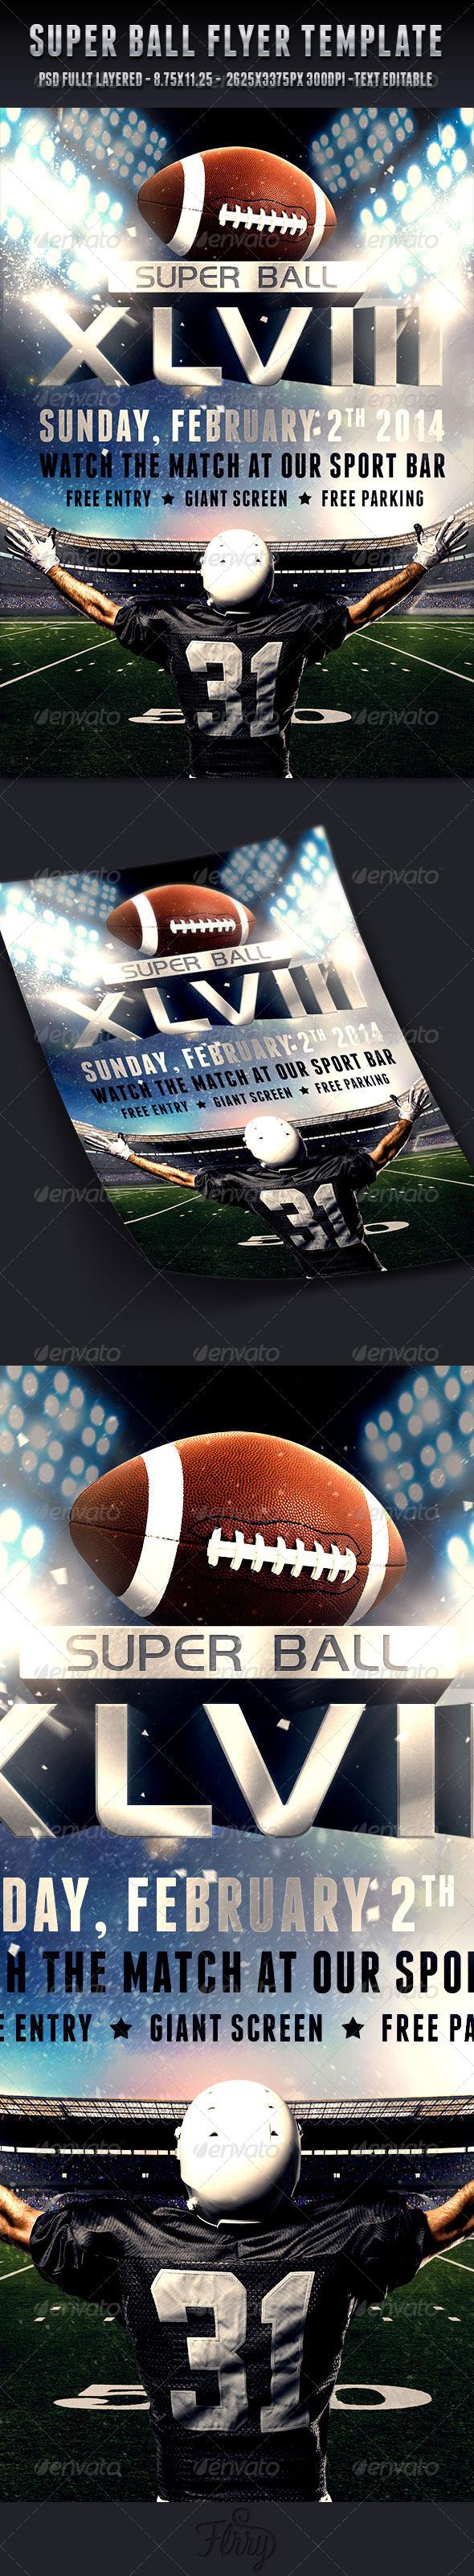 Super Ball Football Flyer Template Pinterest Flyer Template